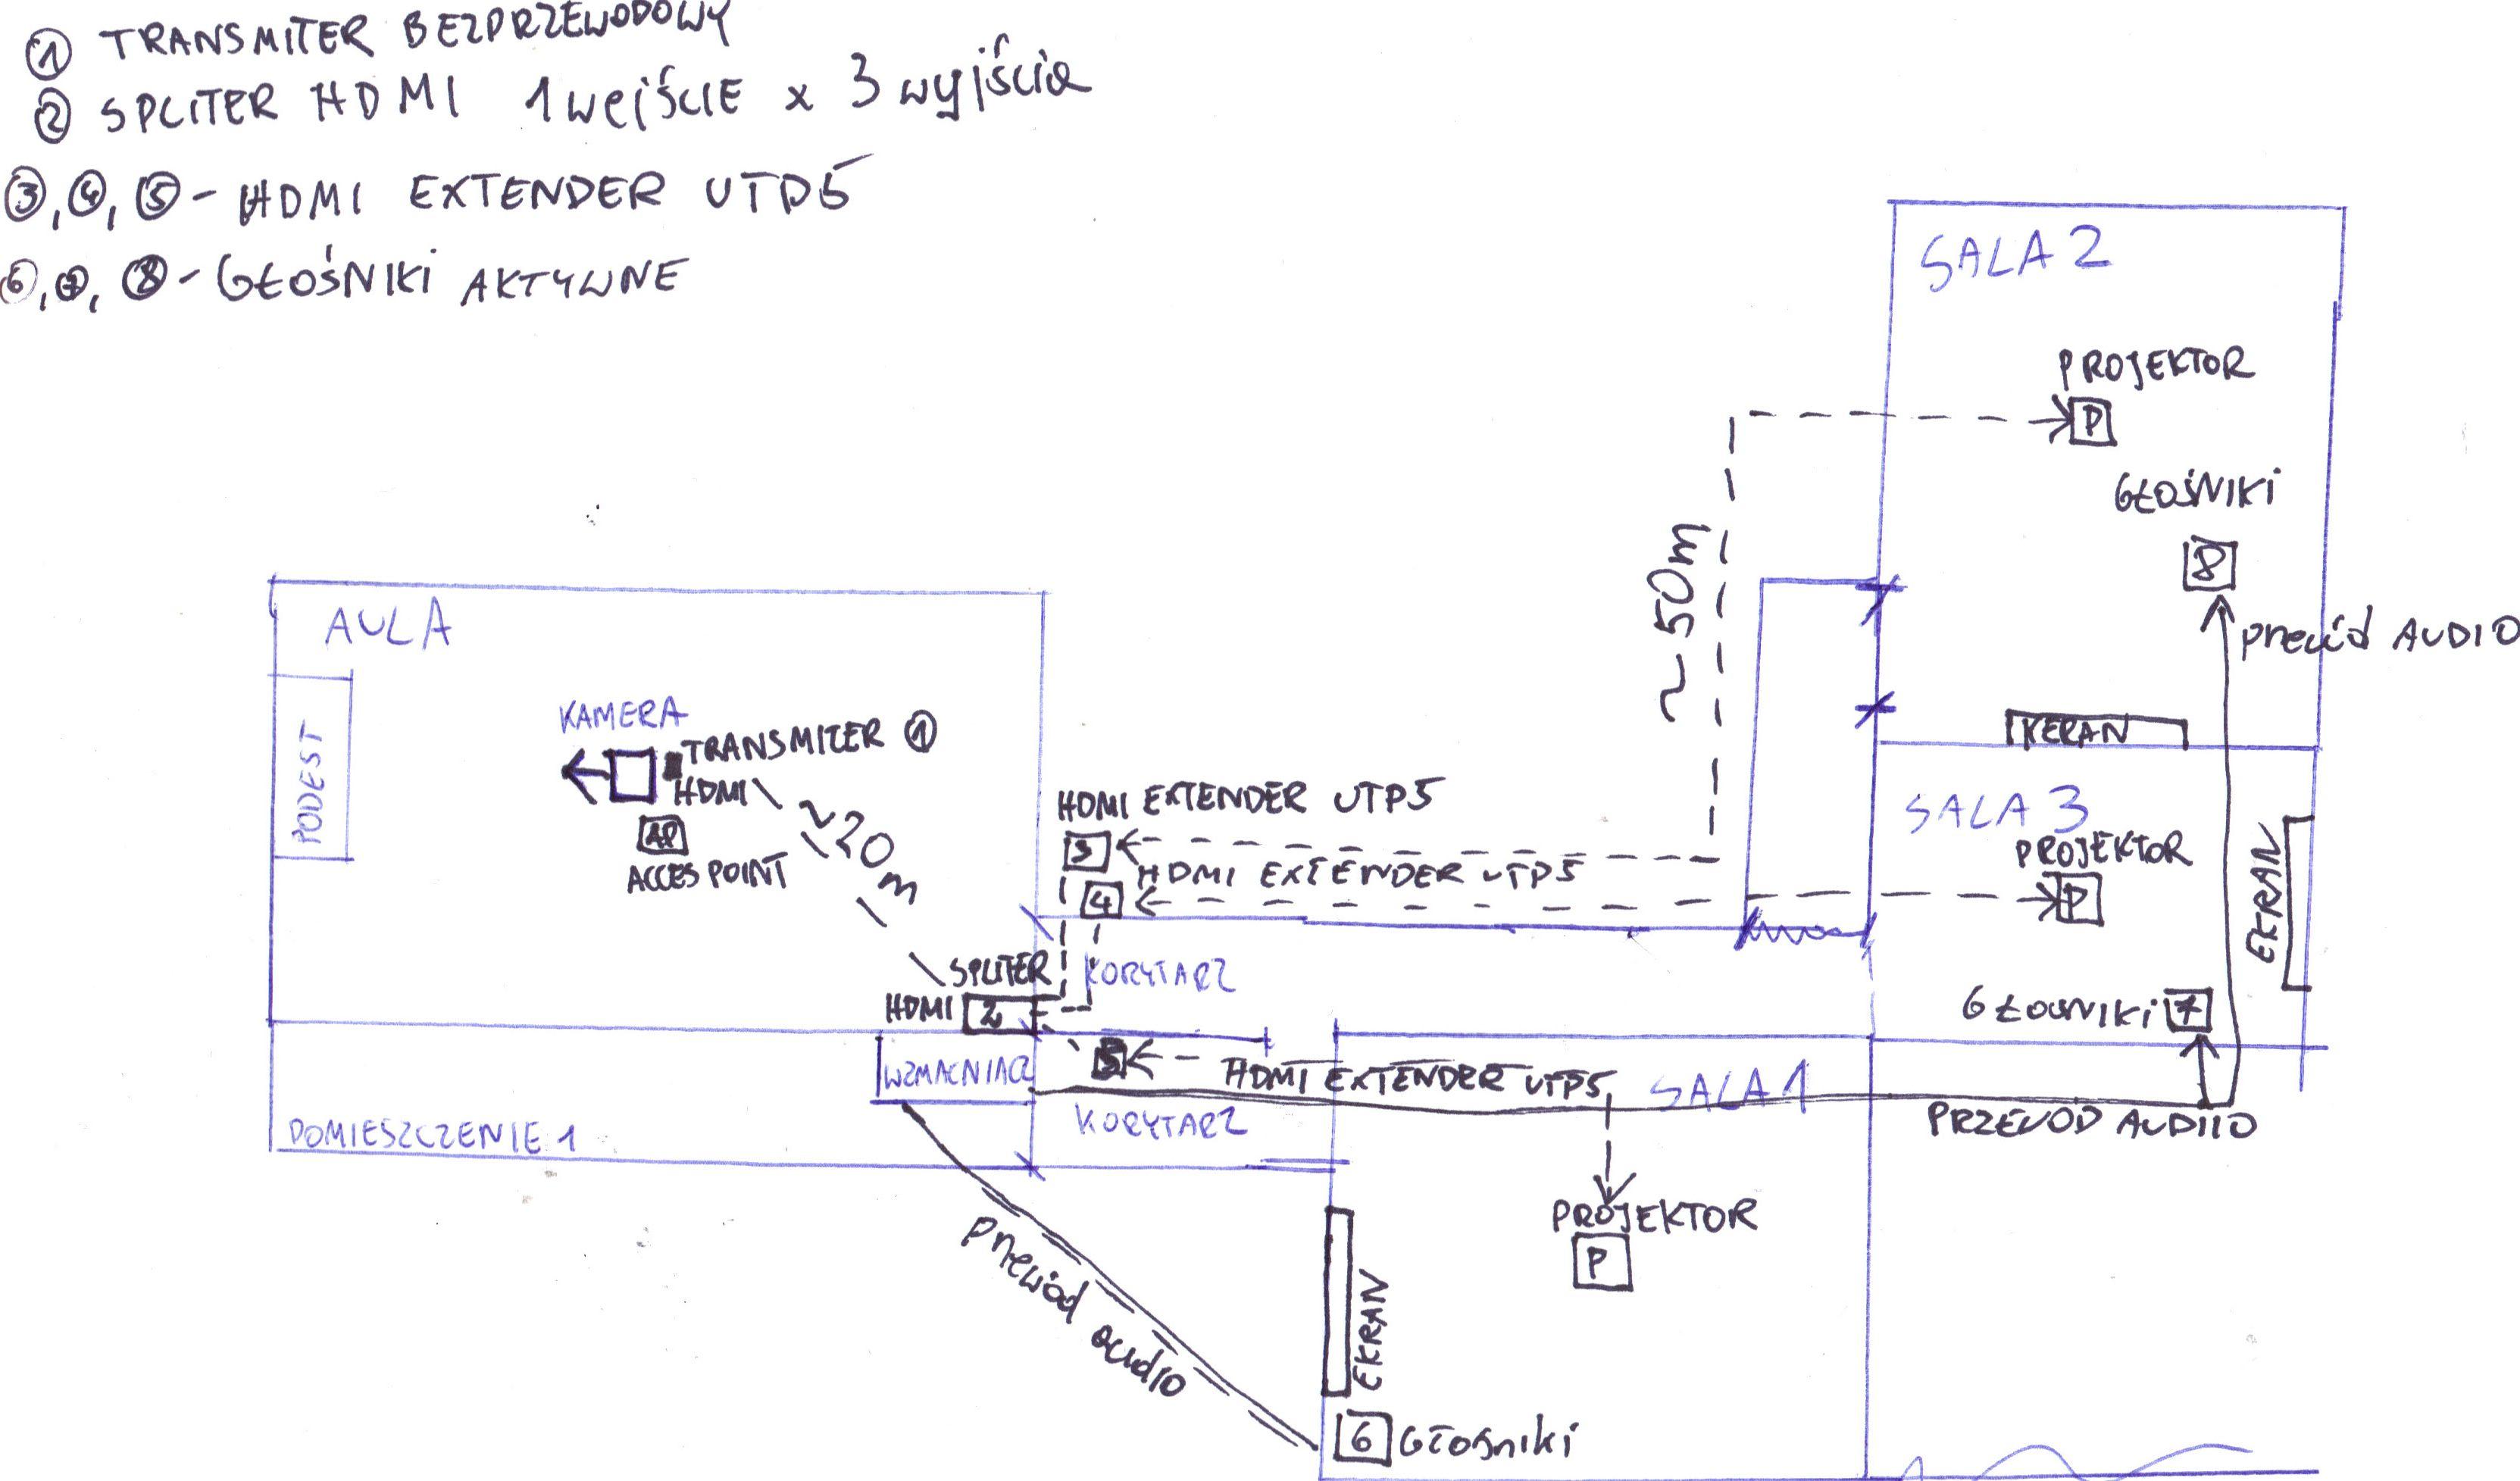 Schemat po��cze� projektor�w i wyb�r kamery do transmisji